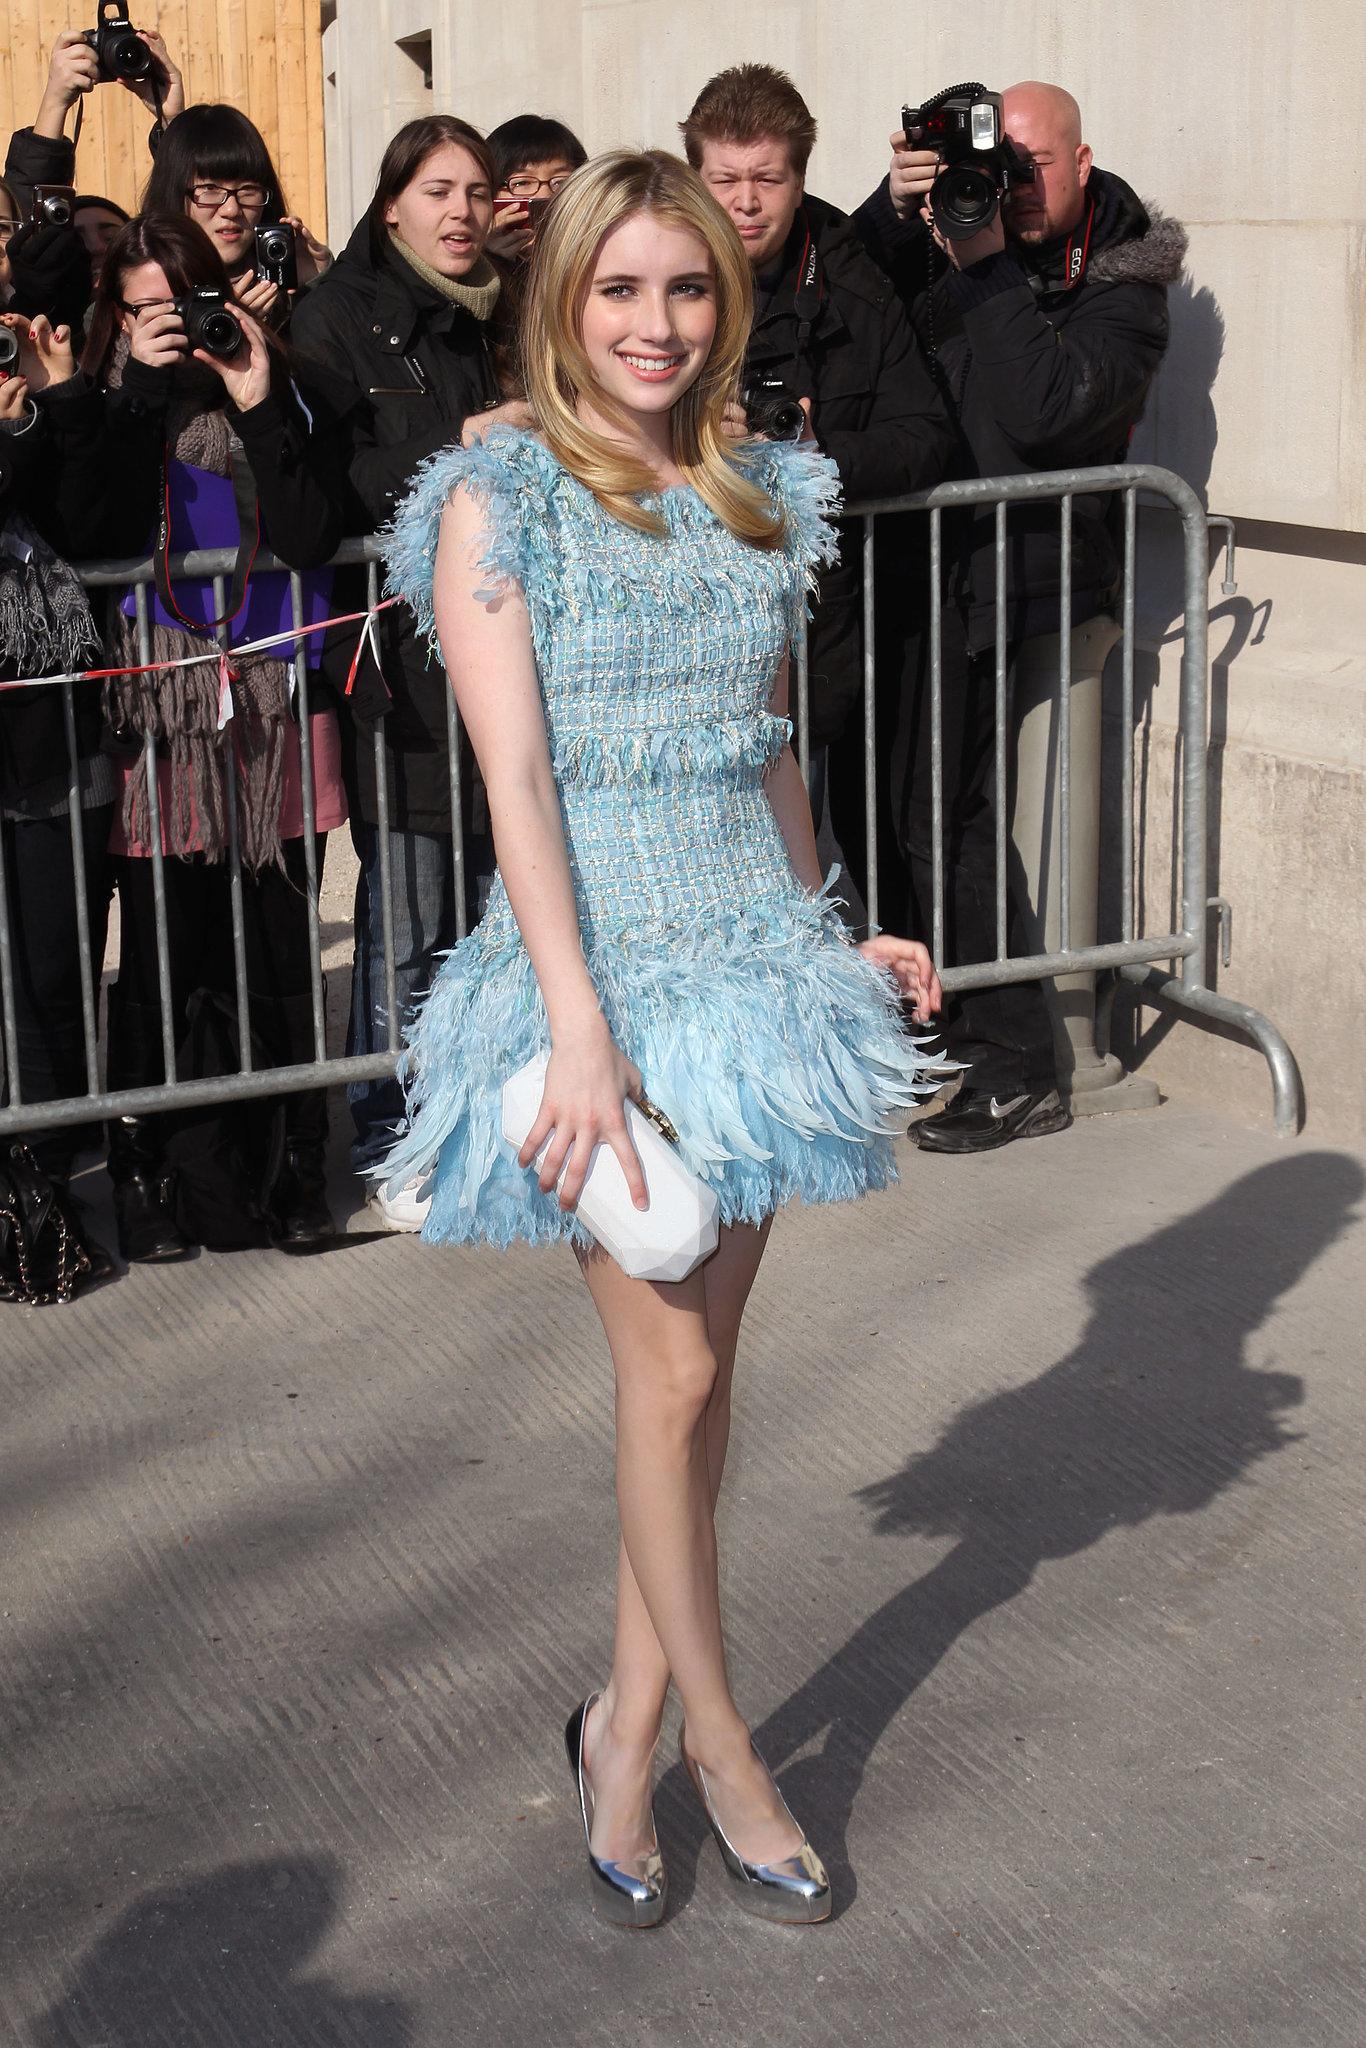 Emma got flirty in a fringed Chanel dress for Paris Fashion Week in 2011.